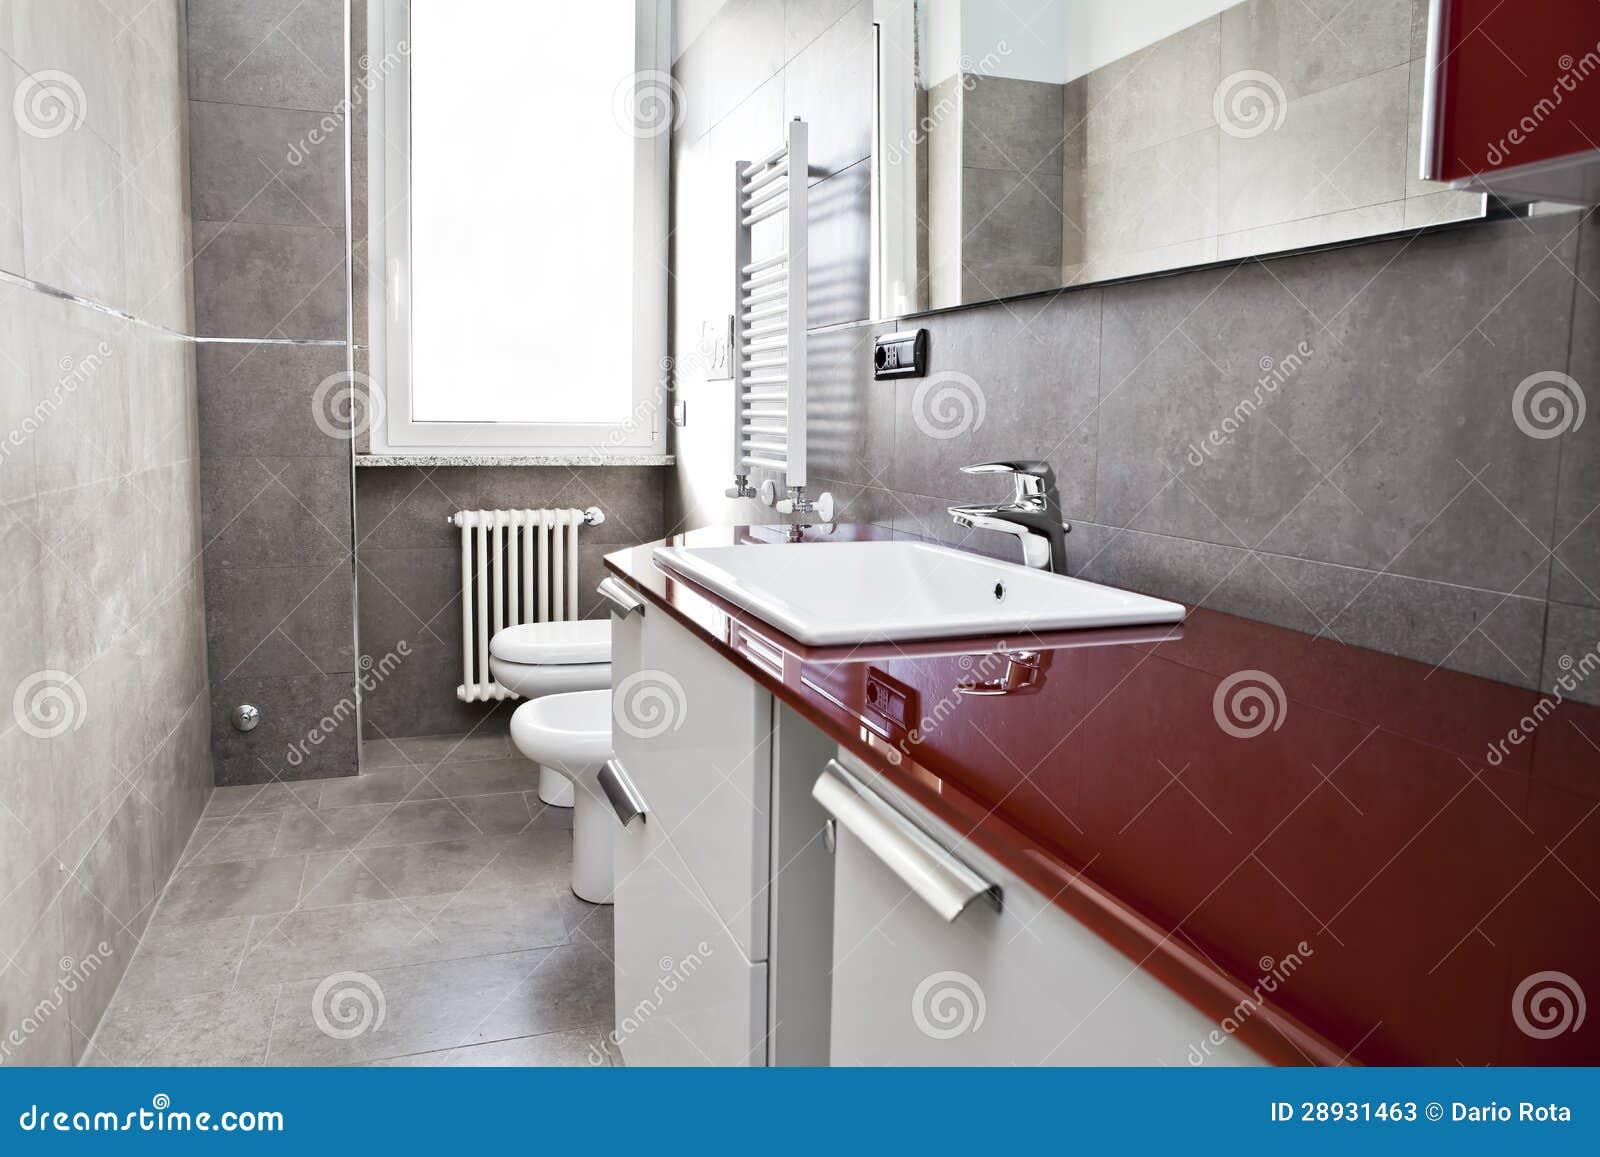 Fotos de Stock: Banheiro vermelho #482220 1300 957